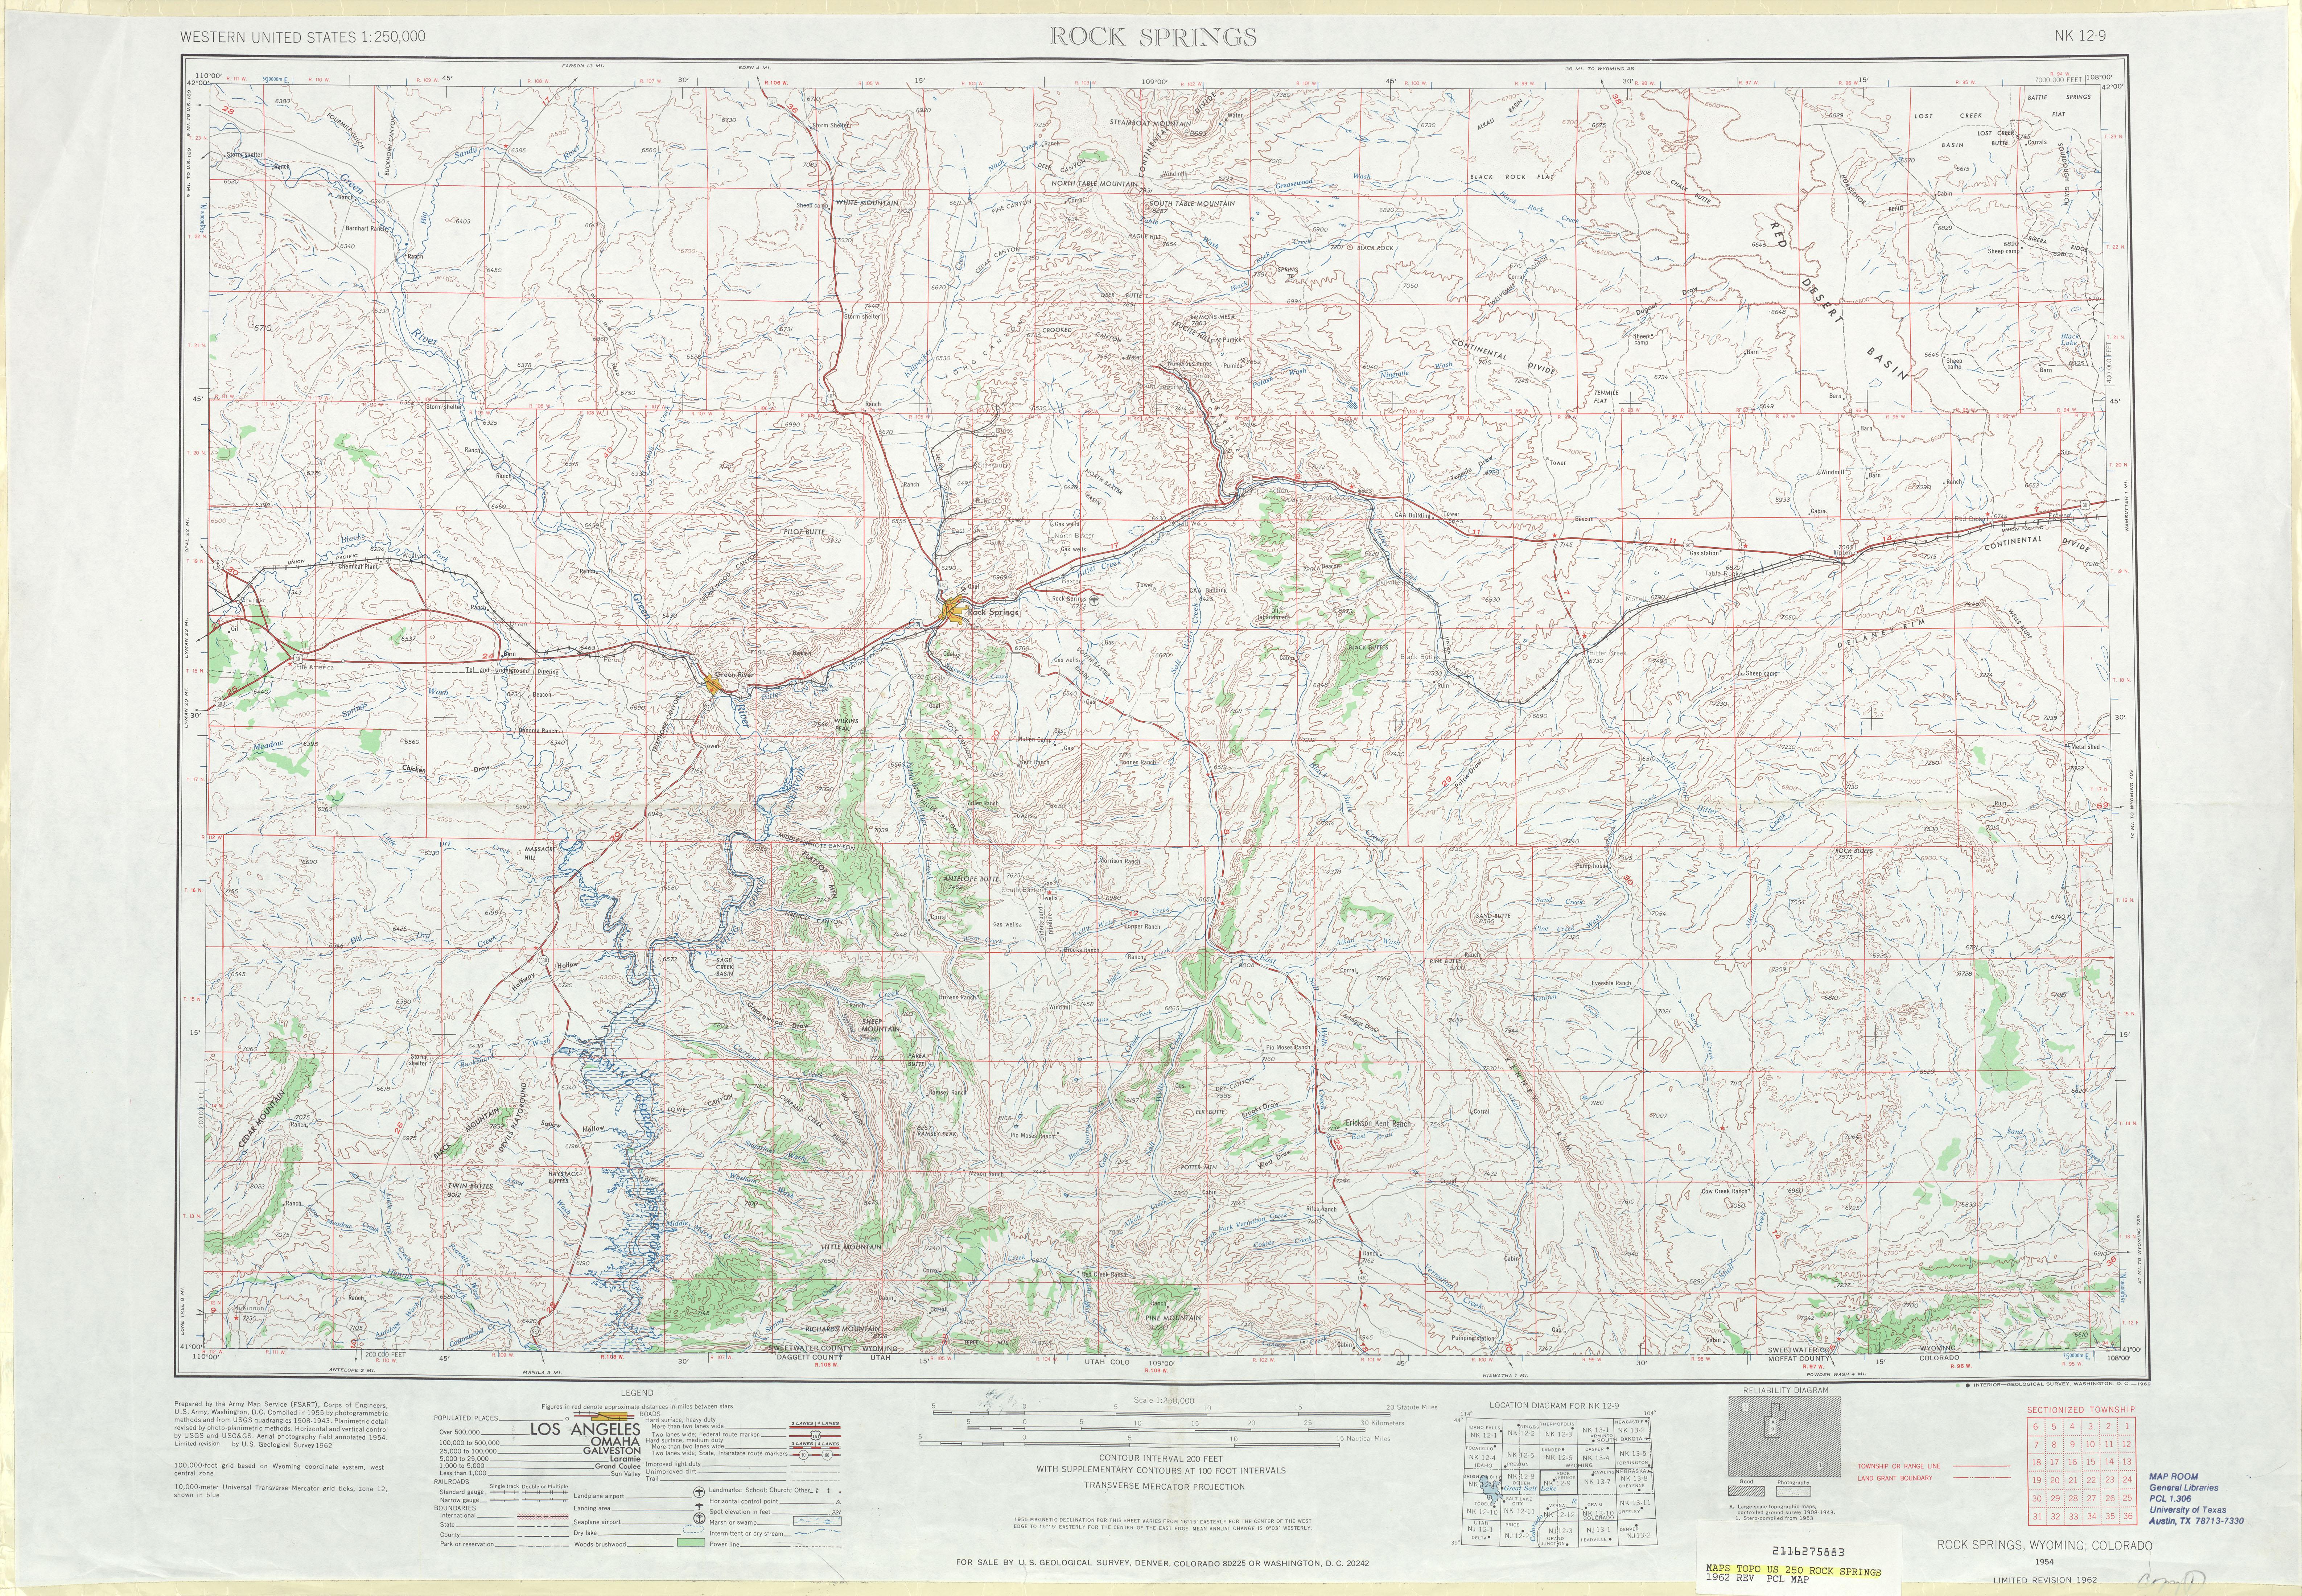 Hoja Rock Springs del Mapa Topográfico de los Estados Unidos 1962